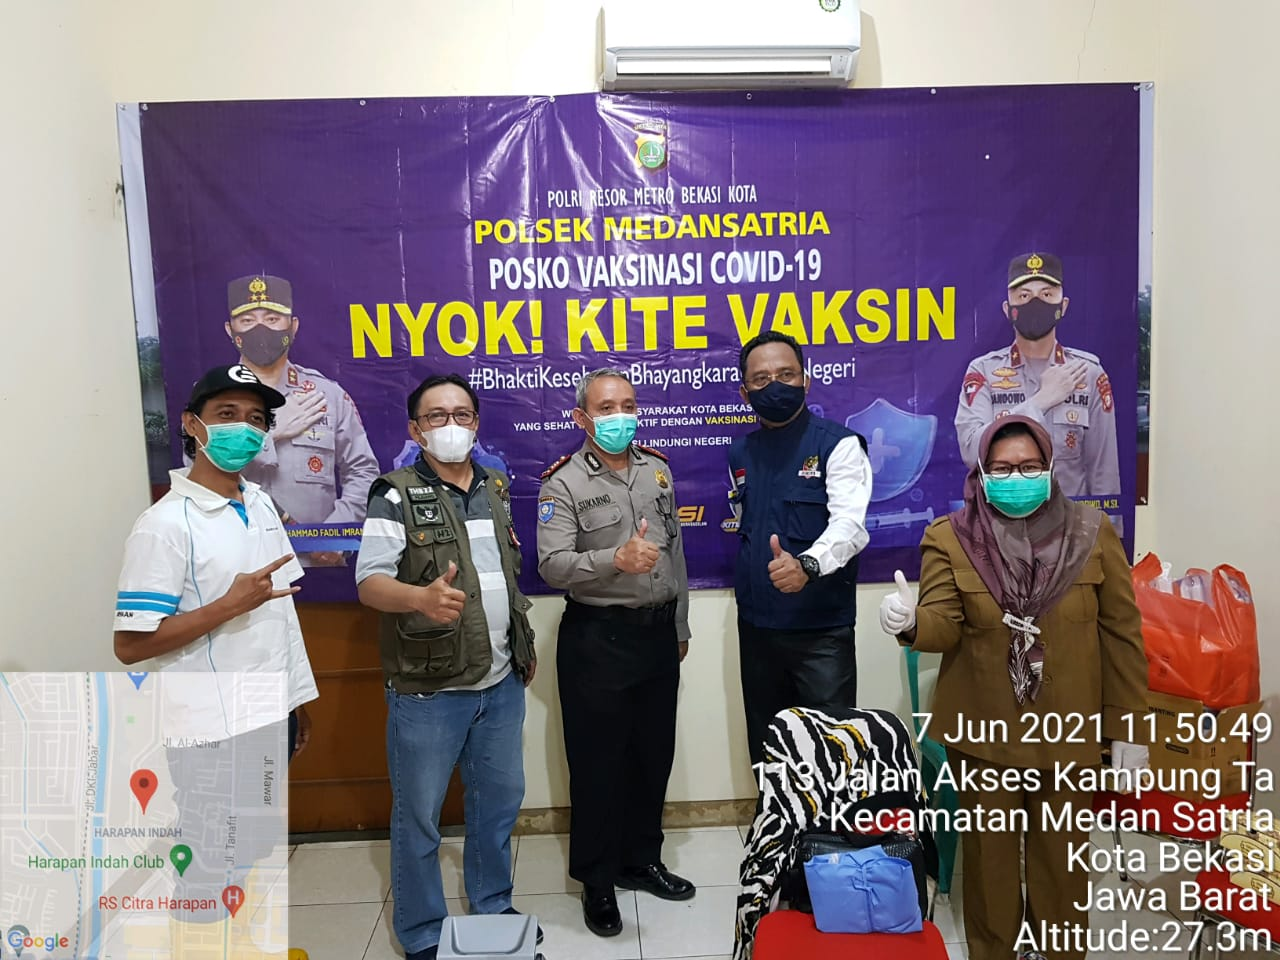 Vaksinasi Covid-19 di Posko Polsek Medan Satria. (Foto: PMJ News)